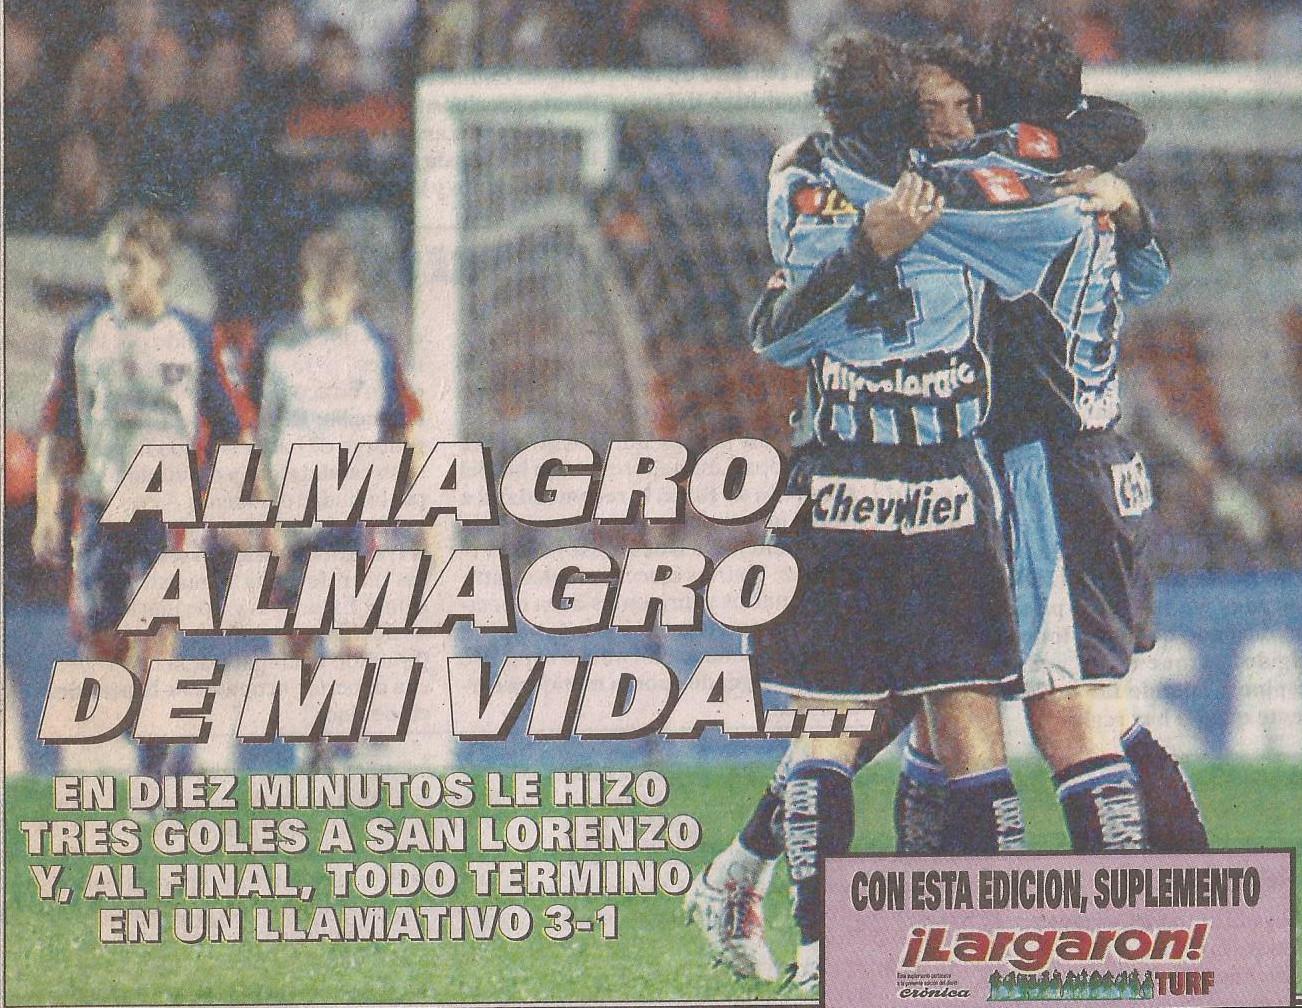 2004-05 Primera Division - Almagro vs San Lorezo - Diario Cronica